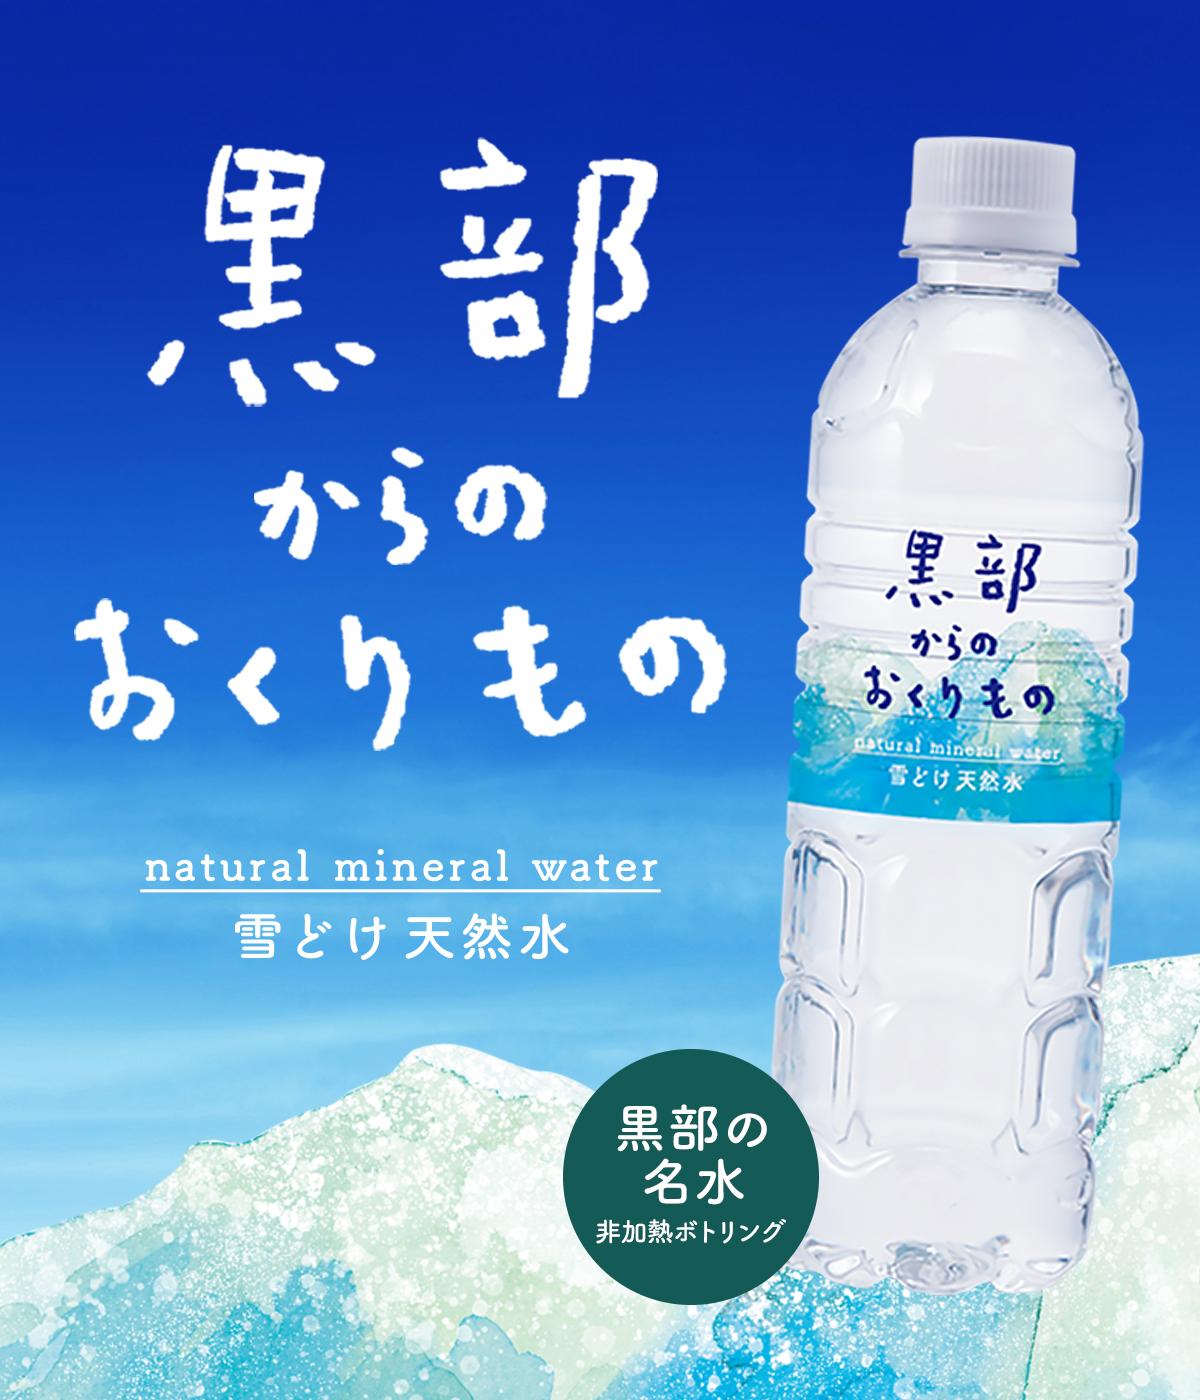 ◆<名水W認定>黒部からのおくりもの